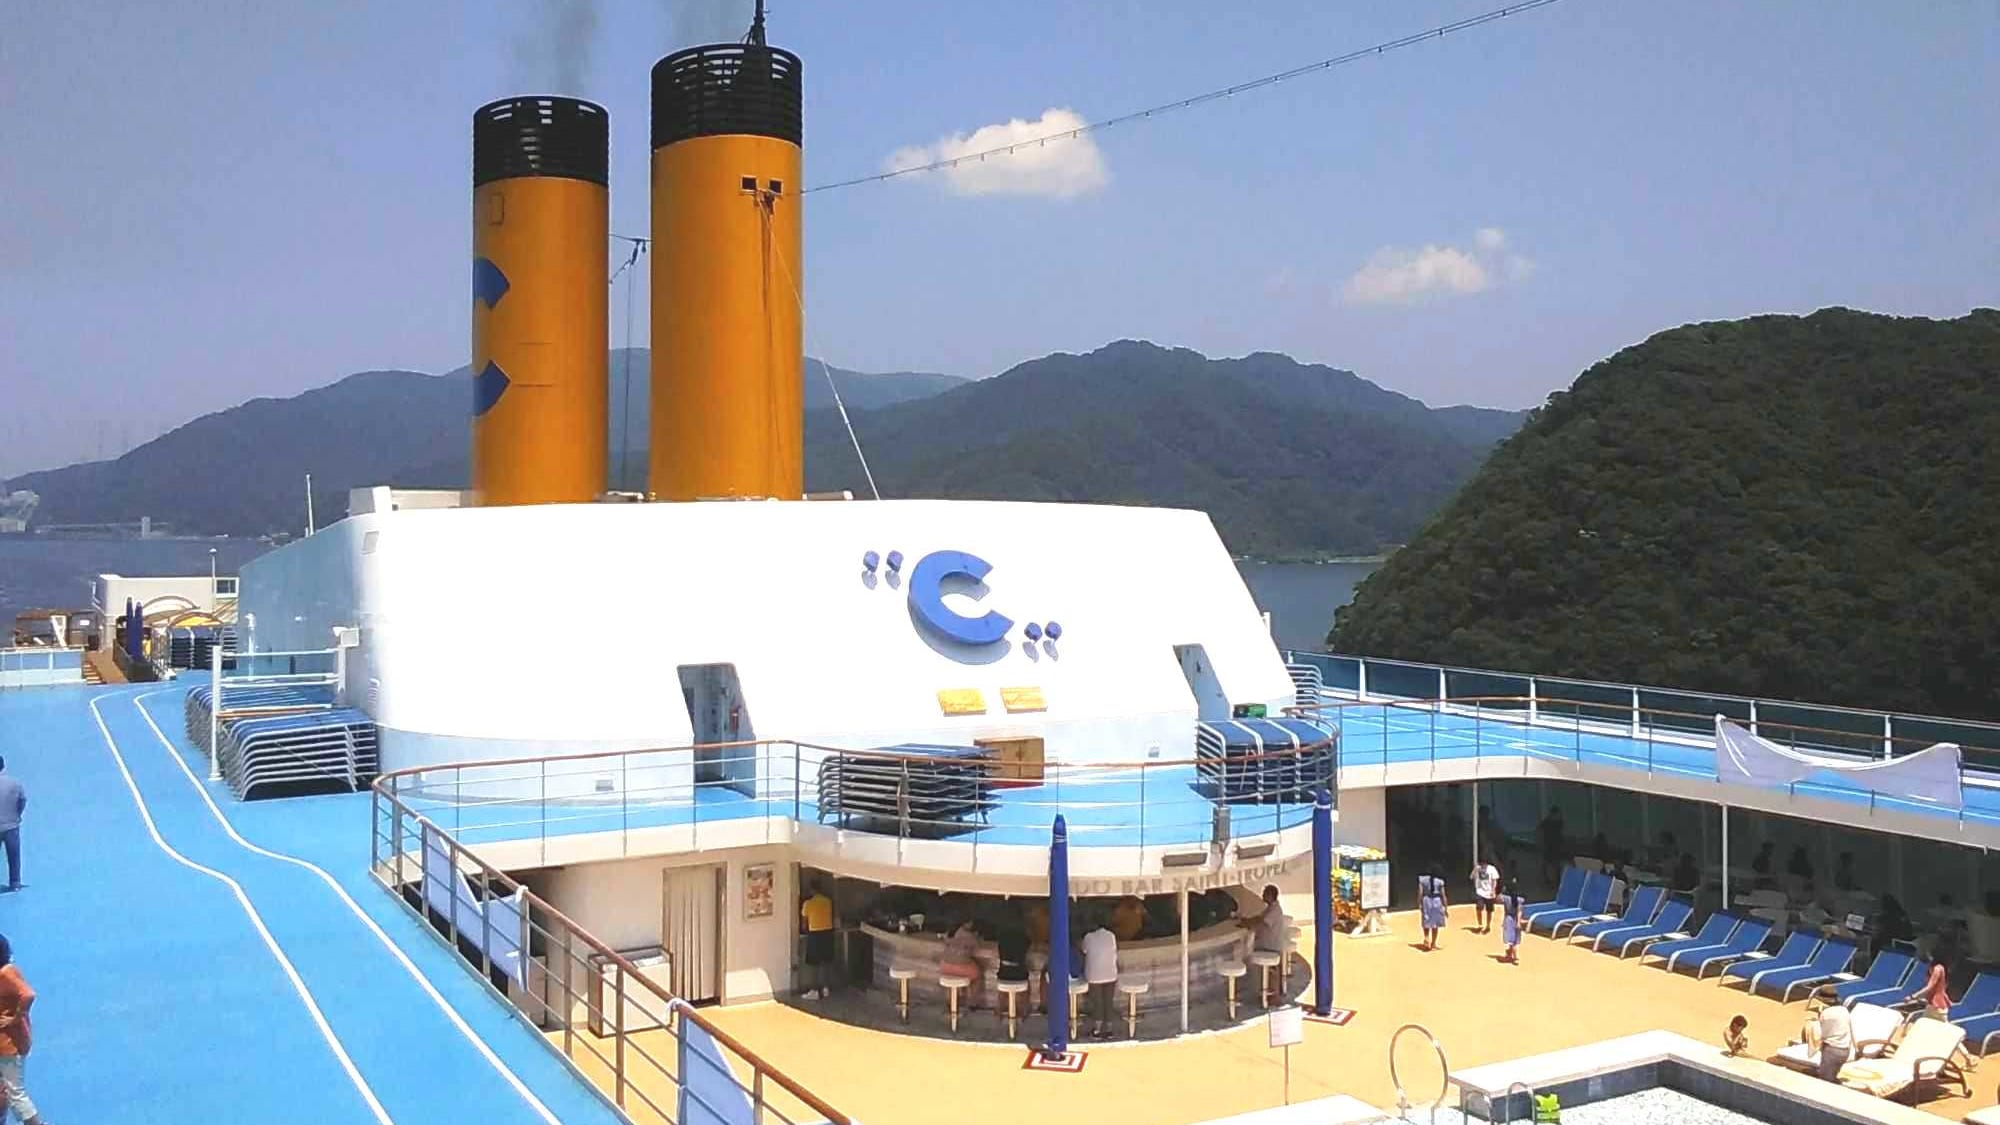 舞鶴港に停泊中のコスタネオロマンチカ